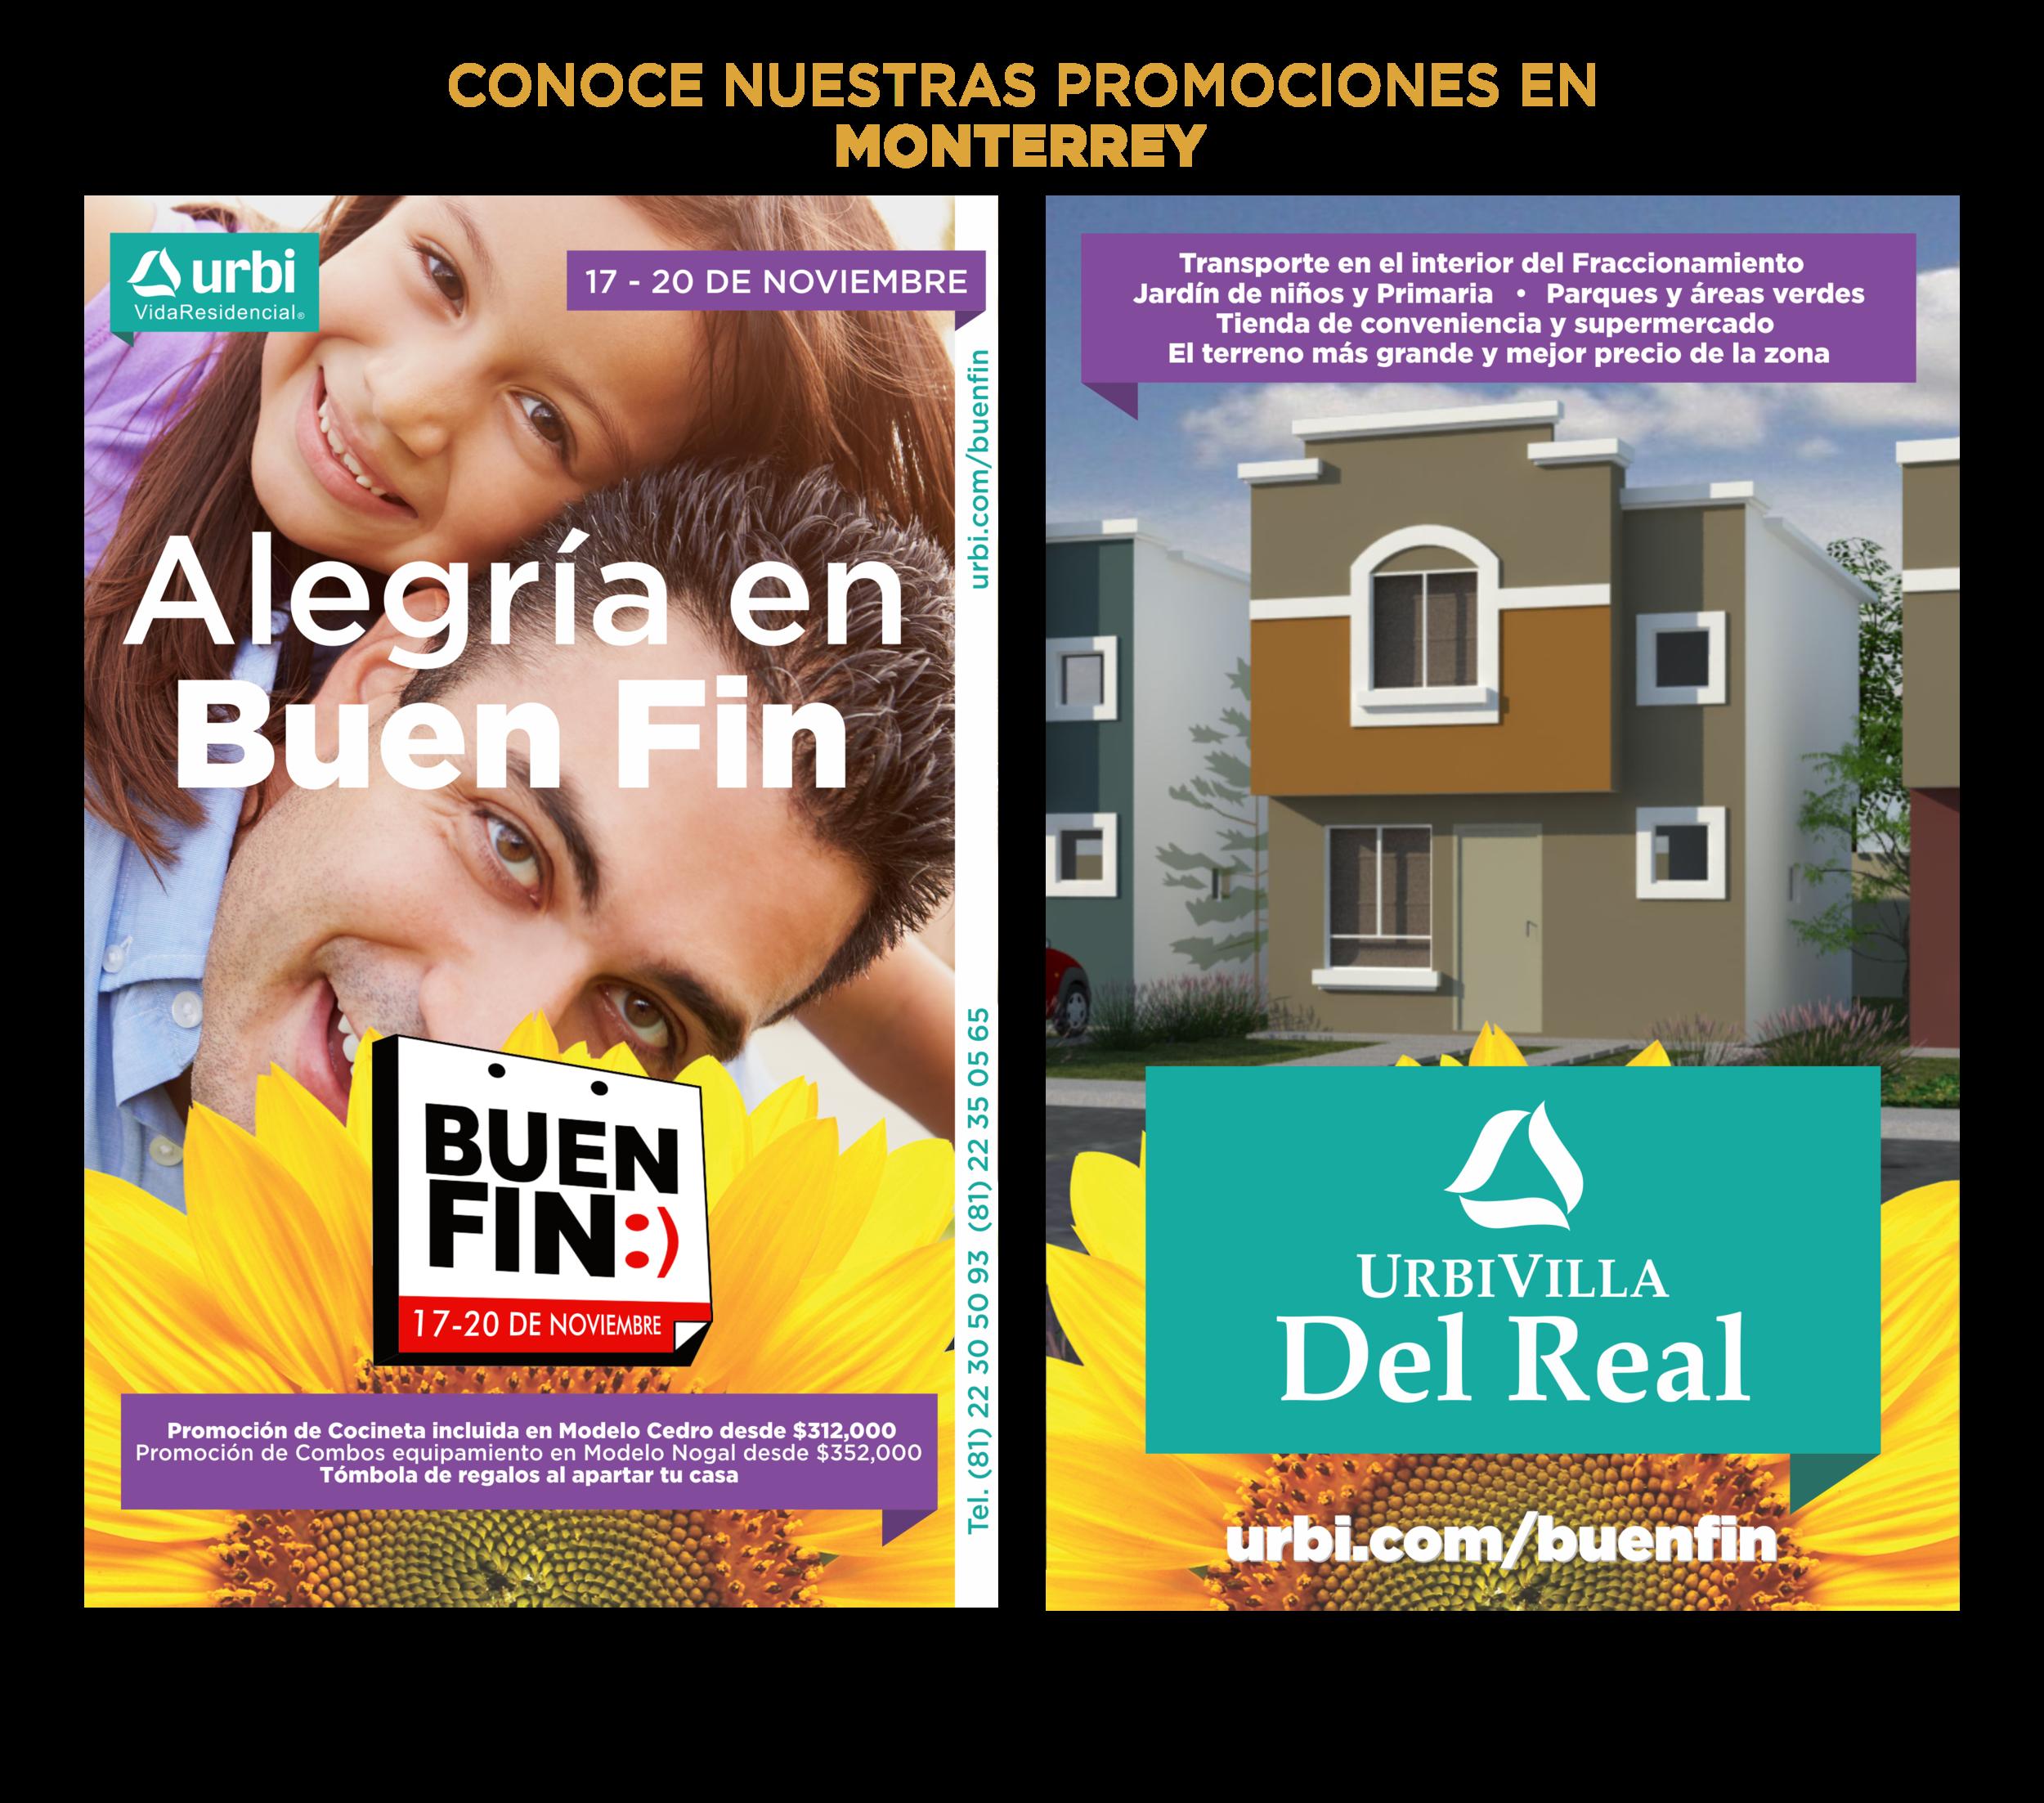 Mas Informes de Monterrey   Envianos un whatsapp a Leonor Zavala (81) 8029 8664